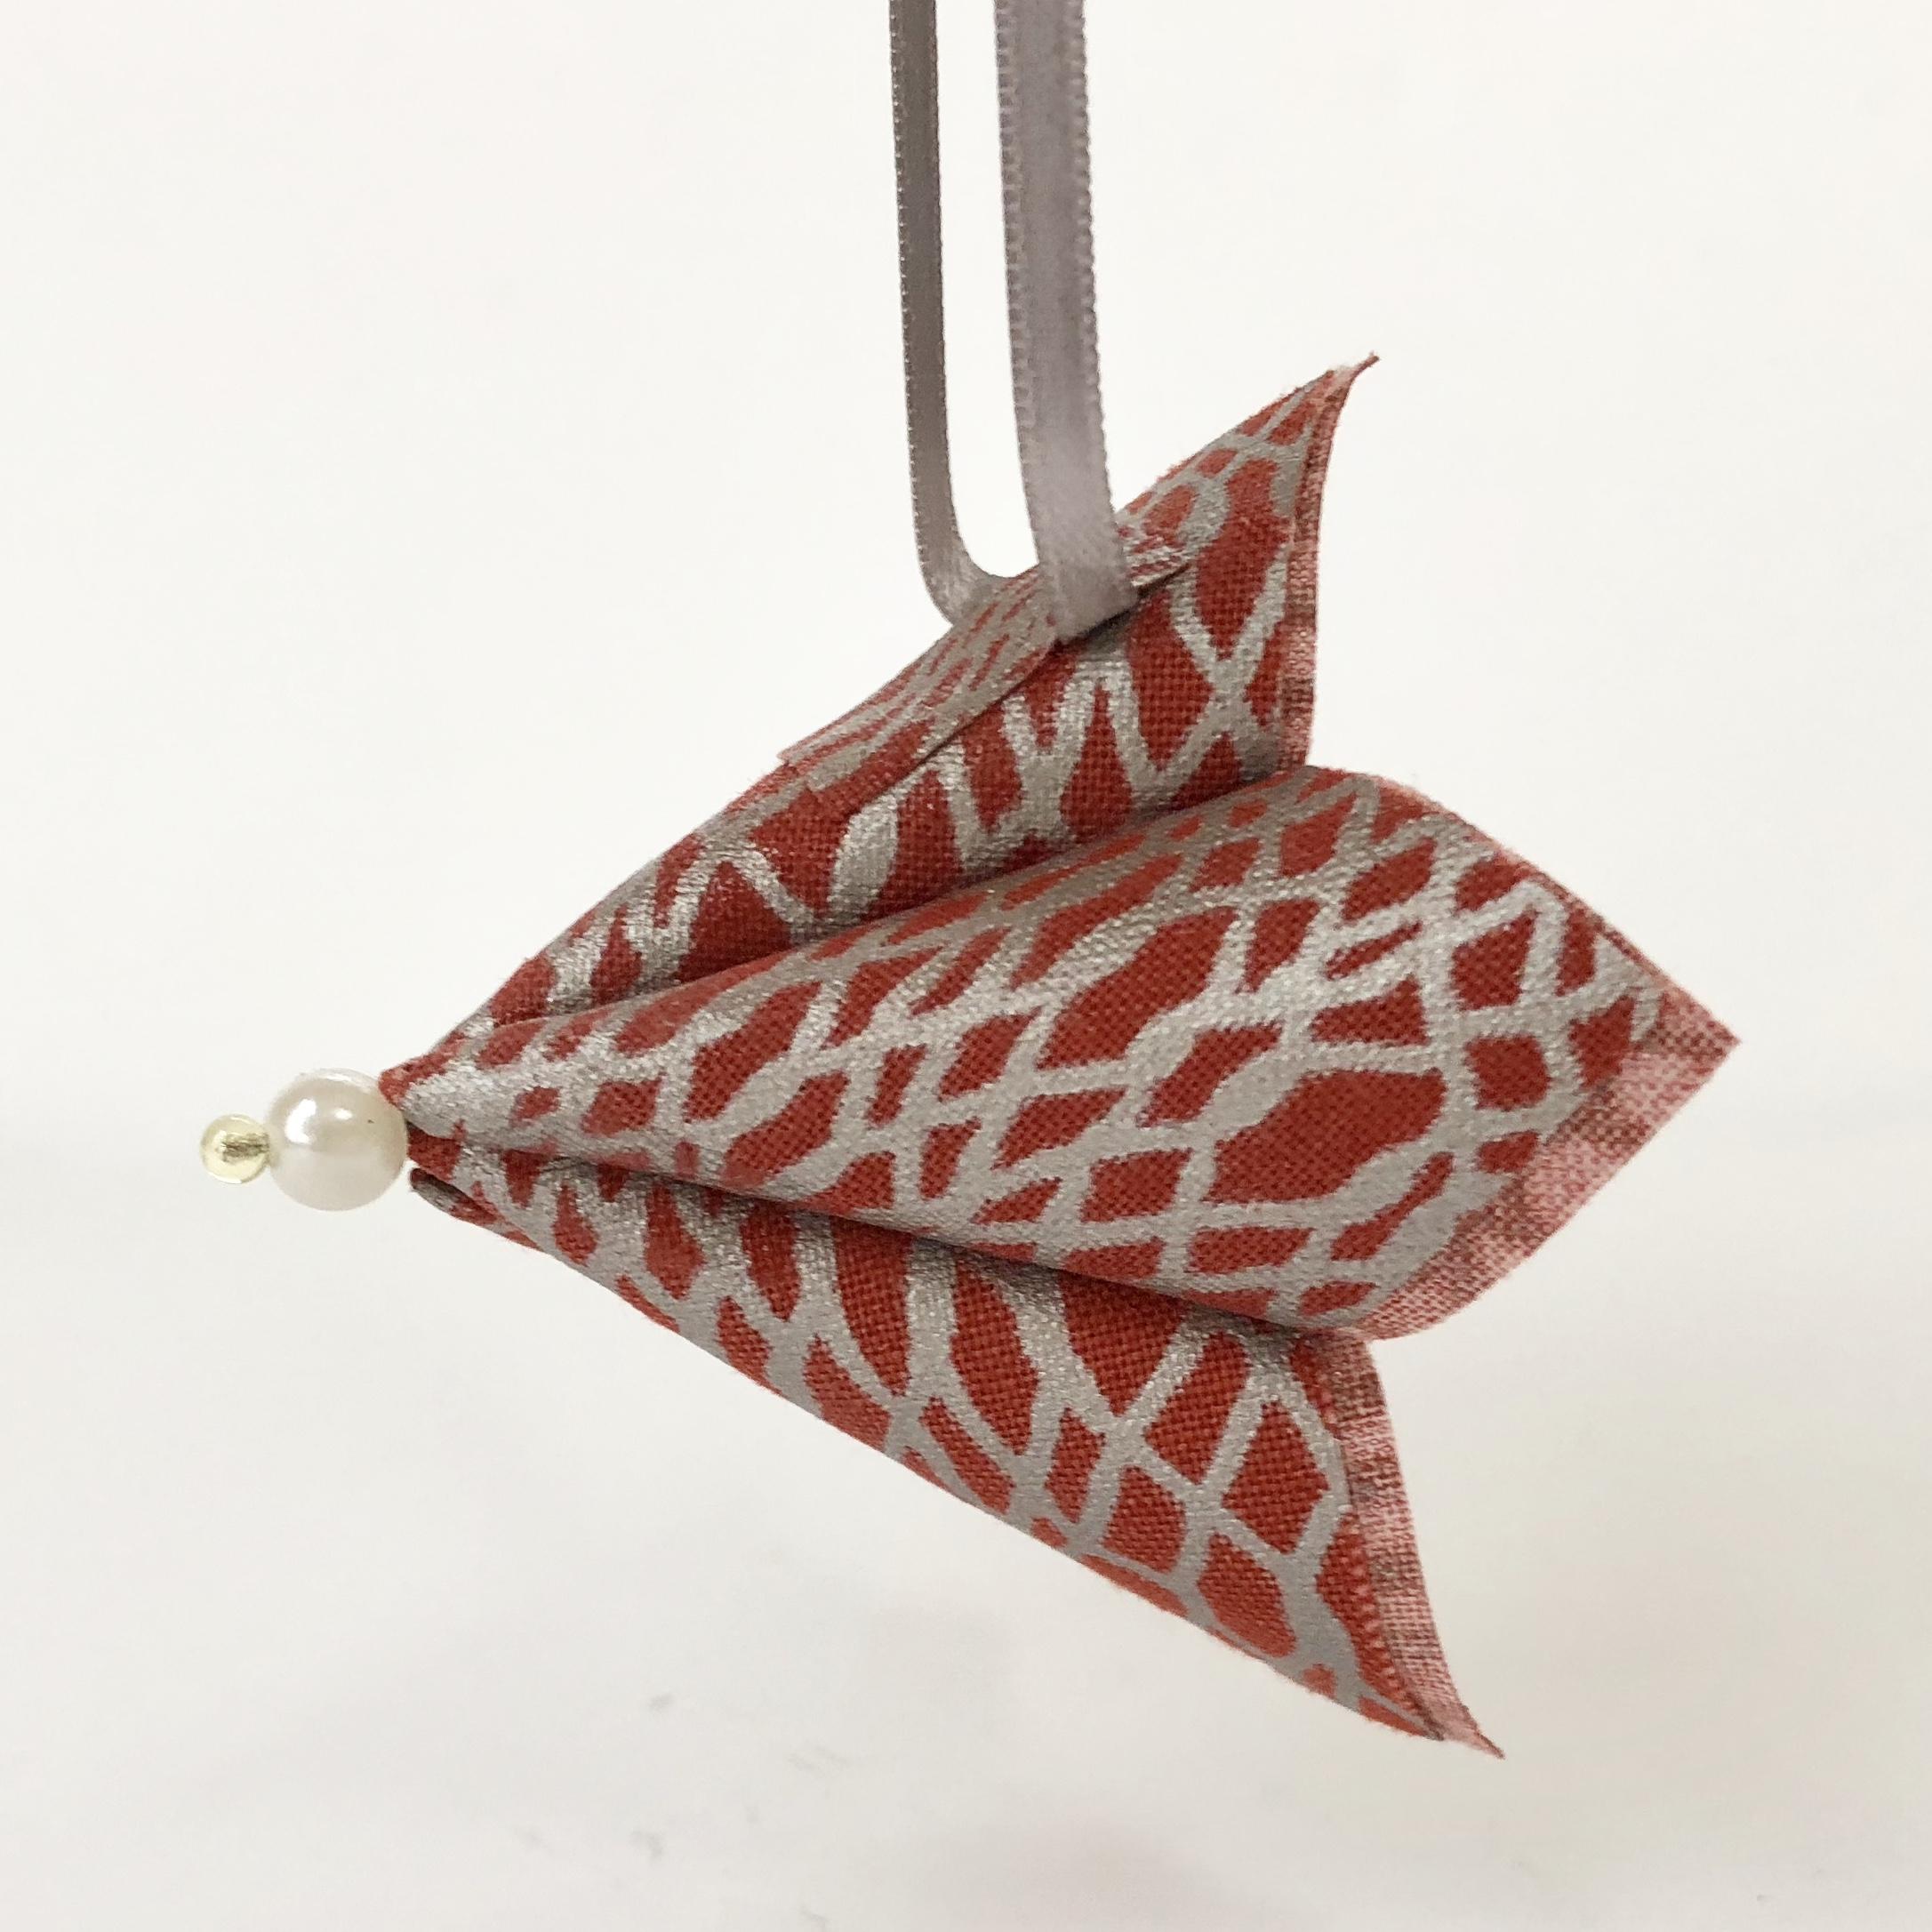 Fabric Kusudama - Single Flower Ornament by WEFTY Needle